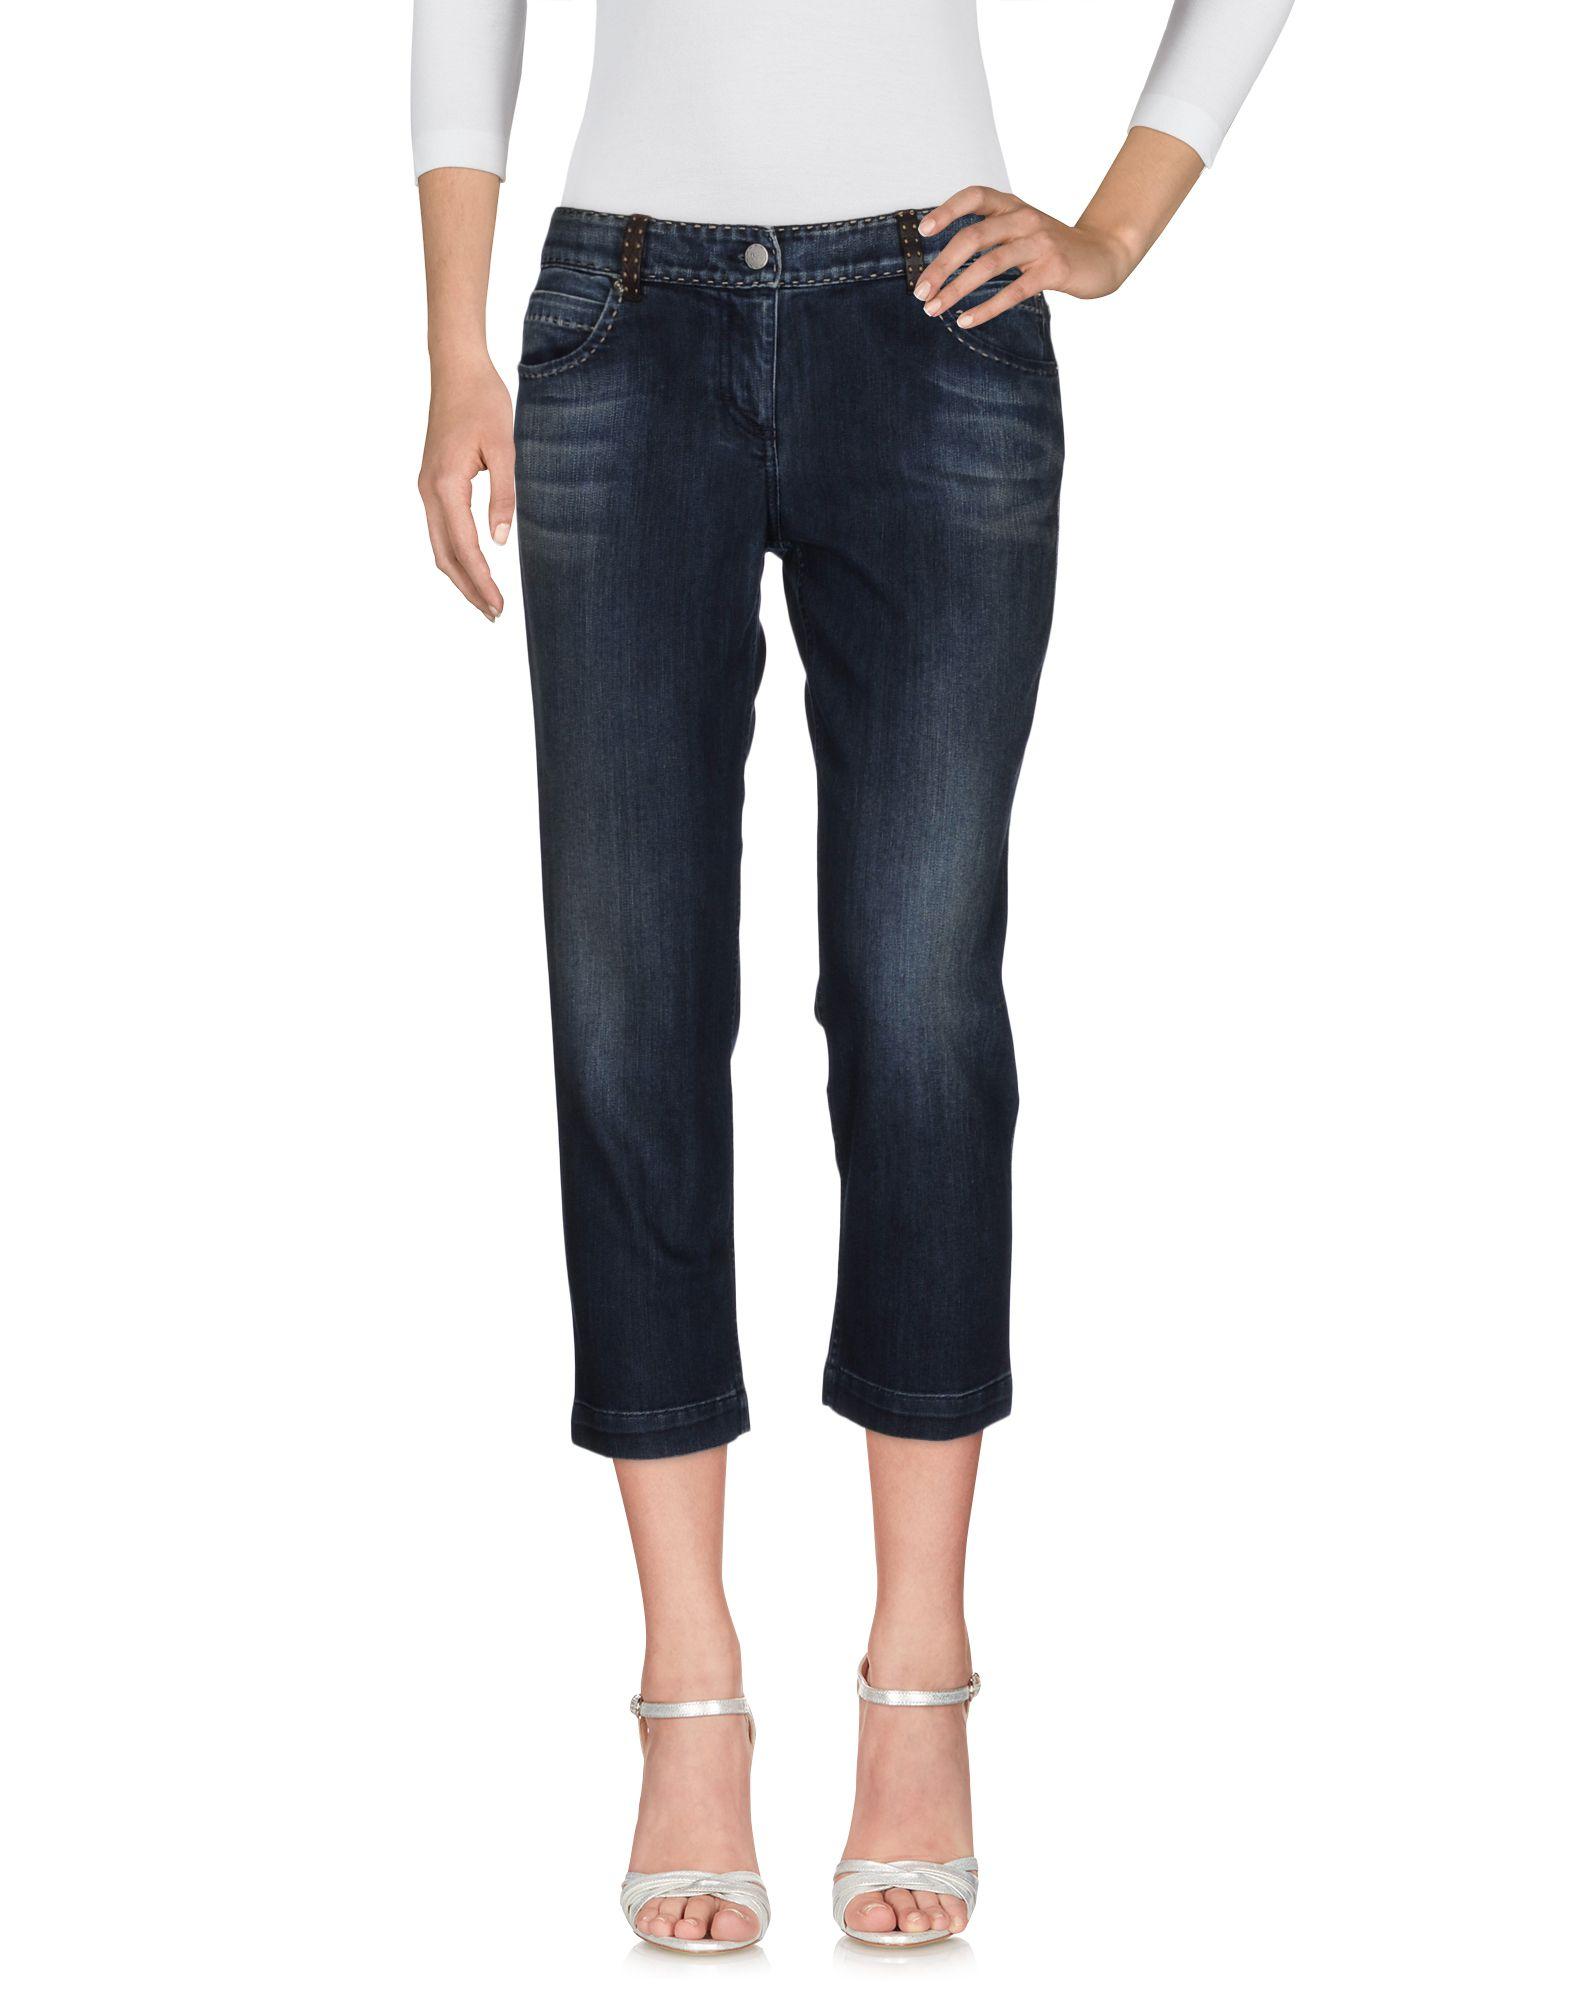 Pantaloni Jeans Fendi Selleria Donna - Acquista online su NtegfX